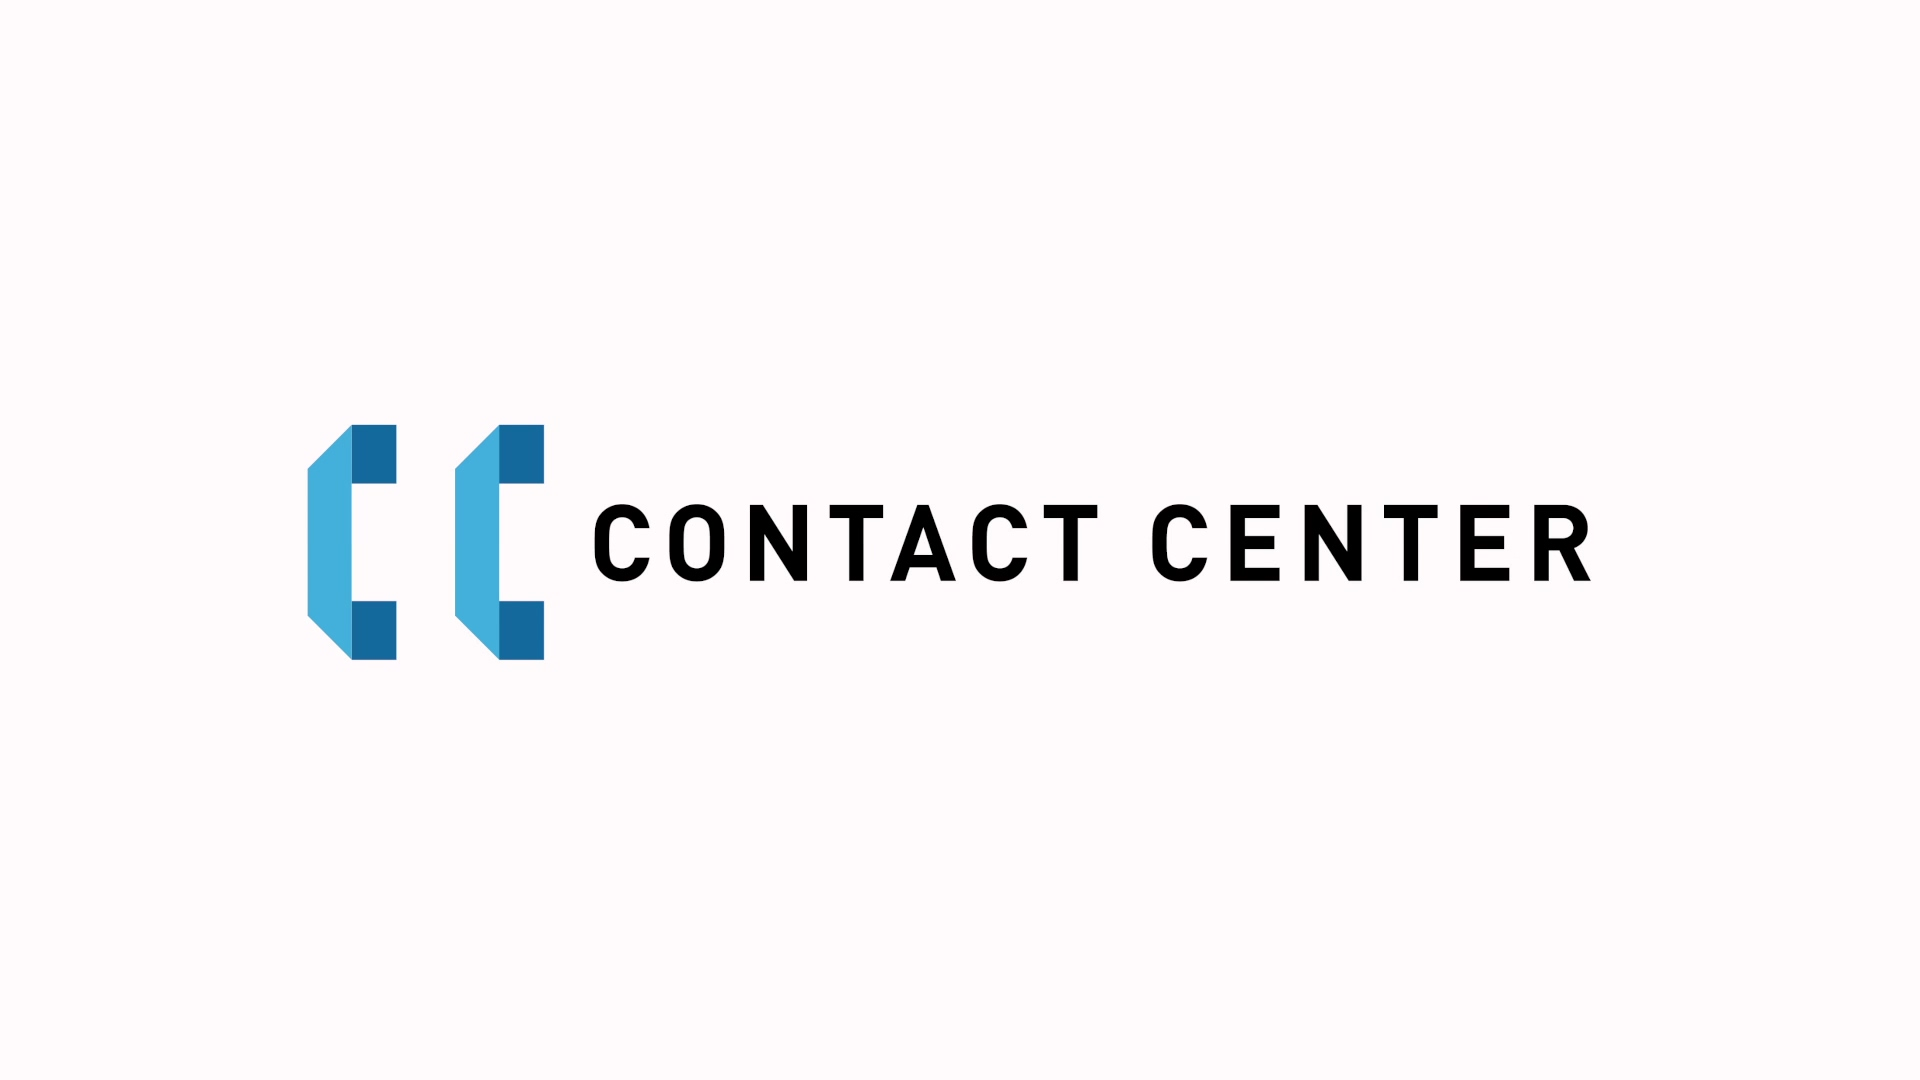 PLR CONTACT CENTER 1 2020